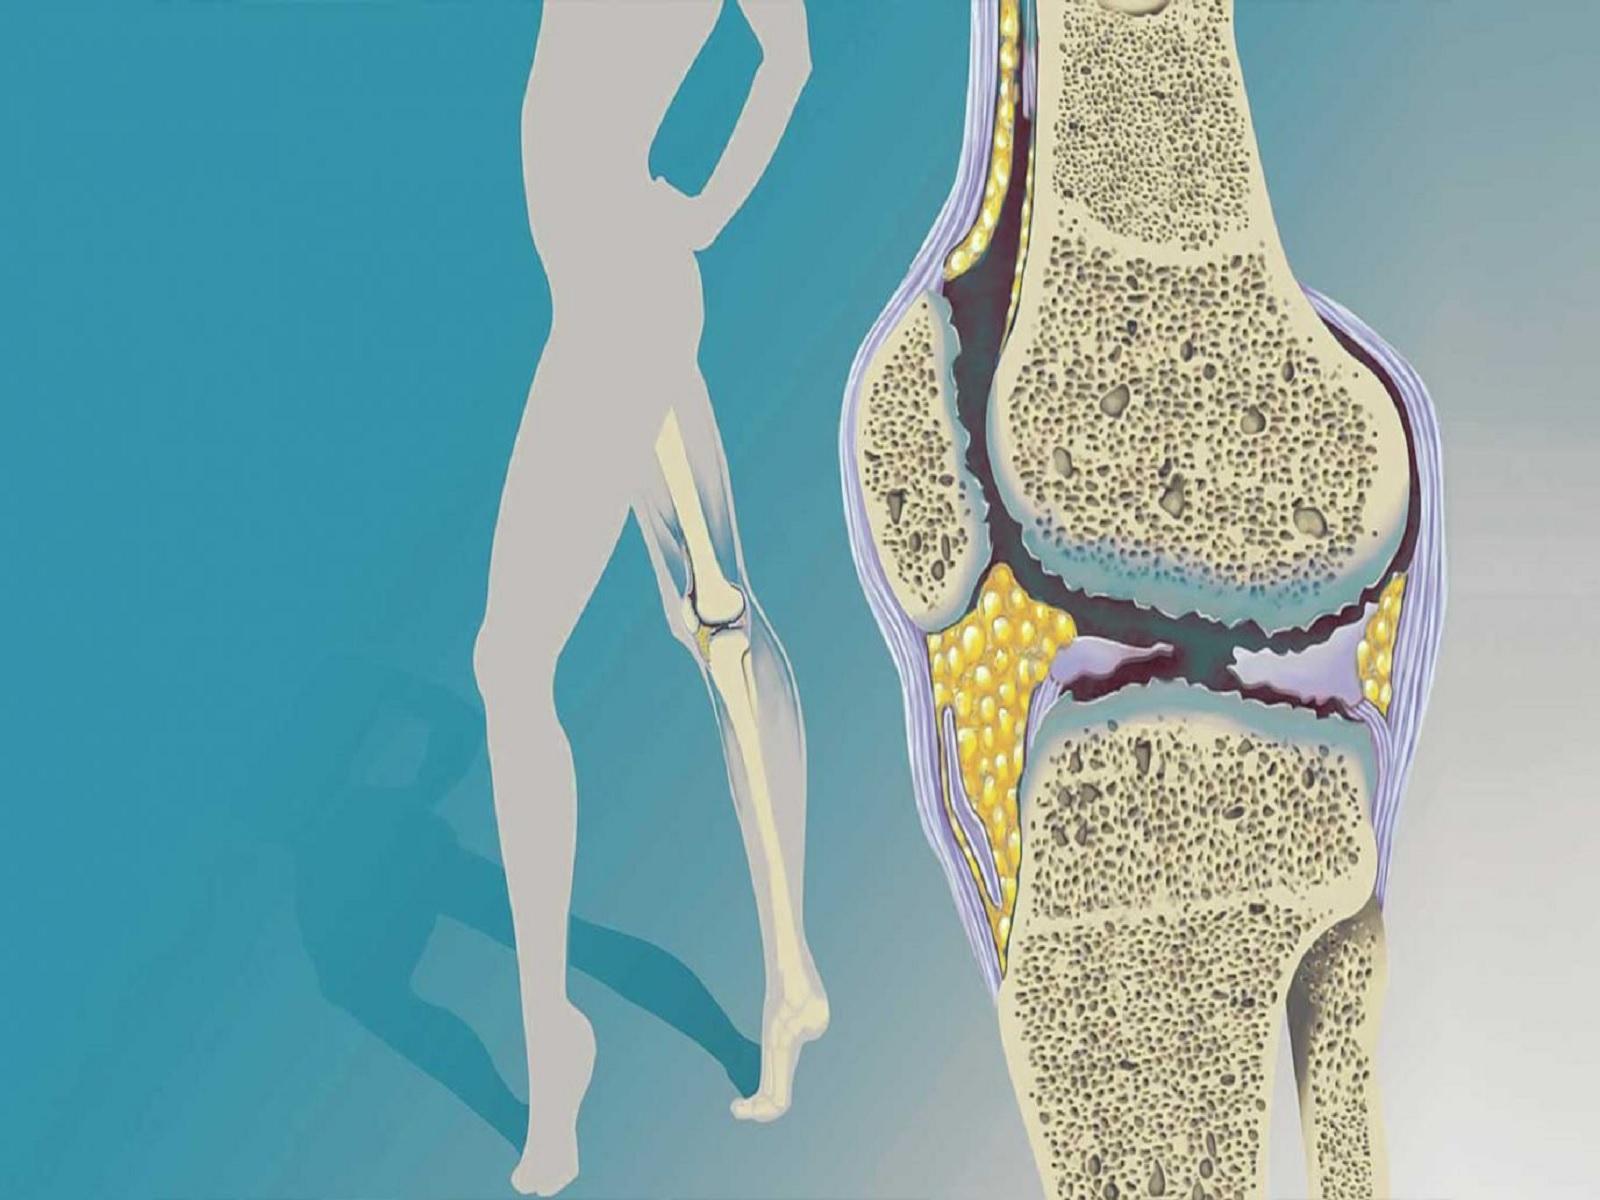 Μόσχευμα ιστός άρθρωση: Εργαστηριακή ανάπτυξη και εξατομικευμένη αντικατάσταση